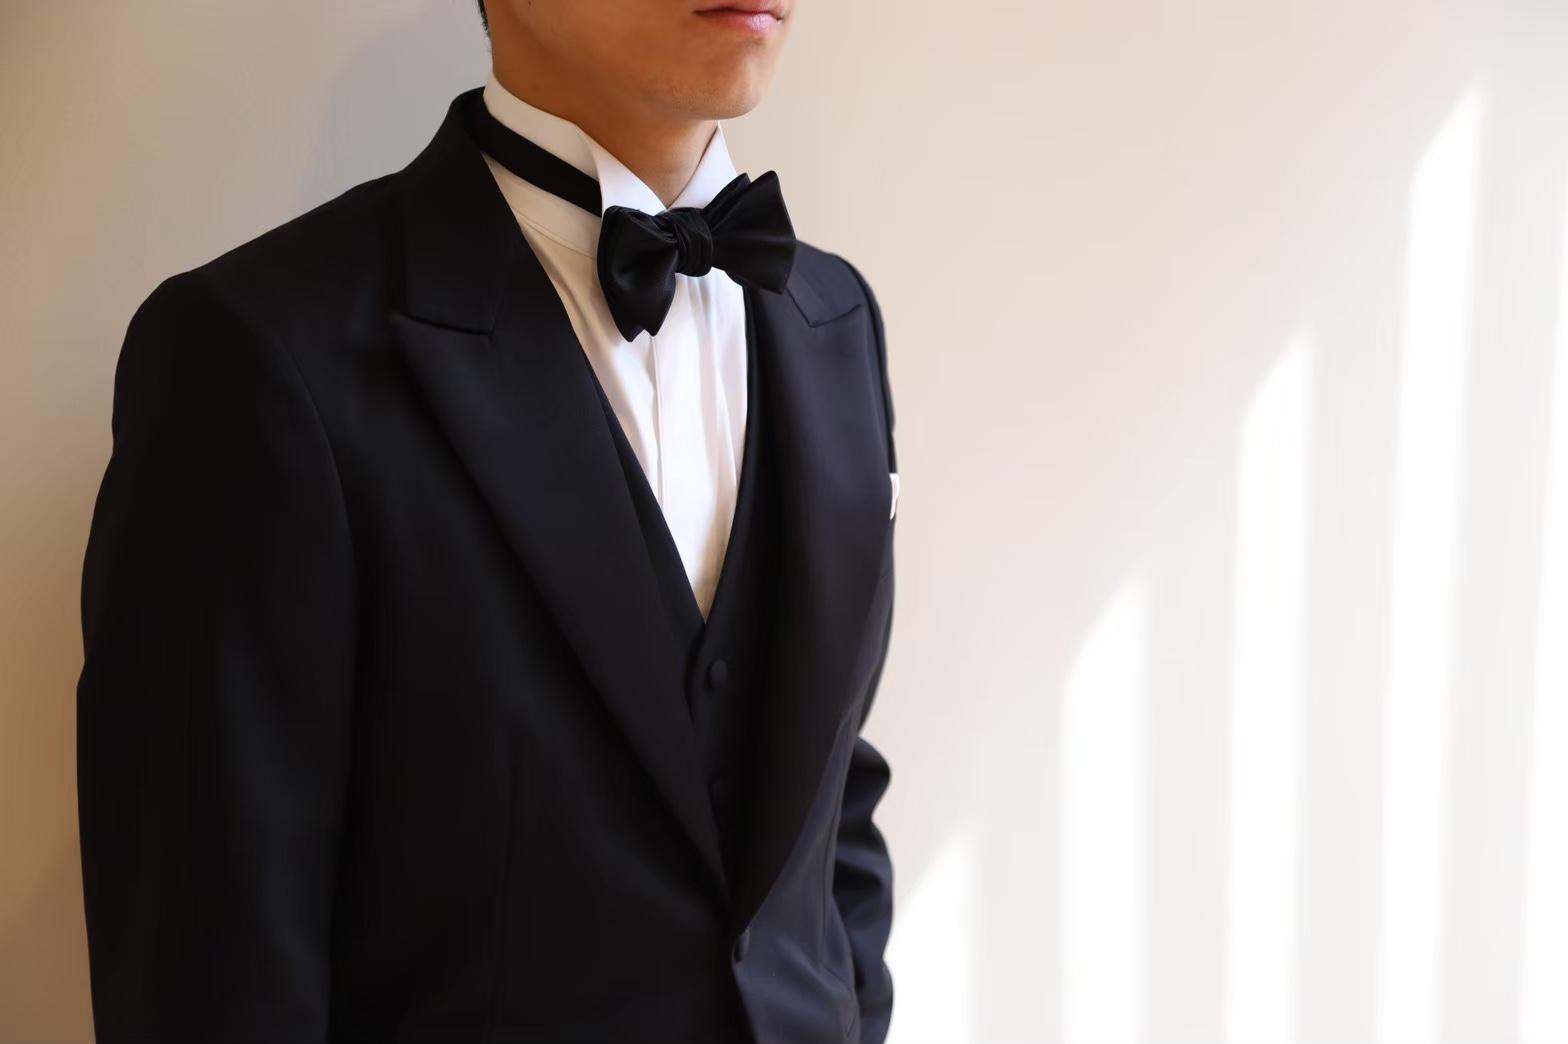 TREAT Gentlemanがお取り扱いするブラックのタキシード。男性らしいさと知性を感じさせます。